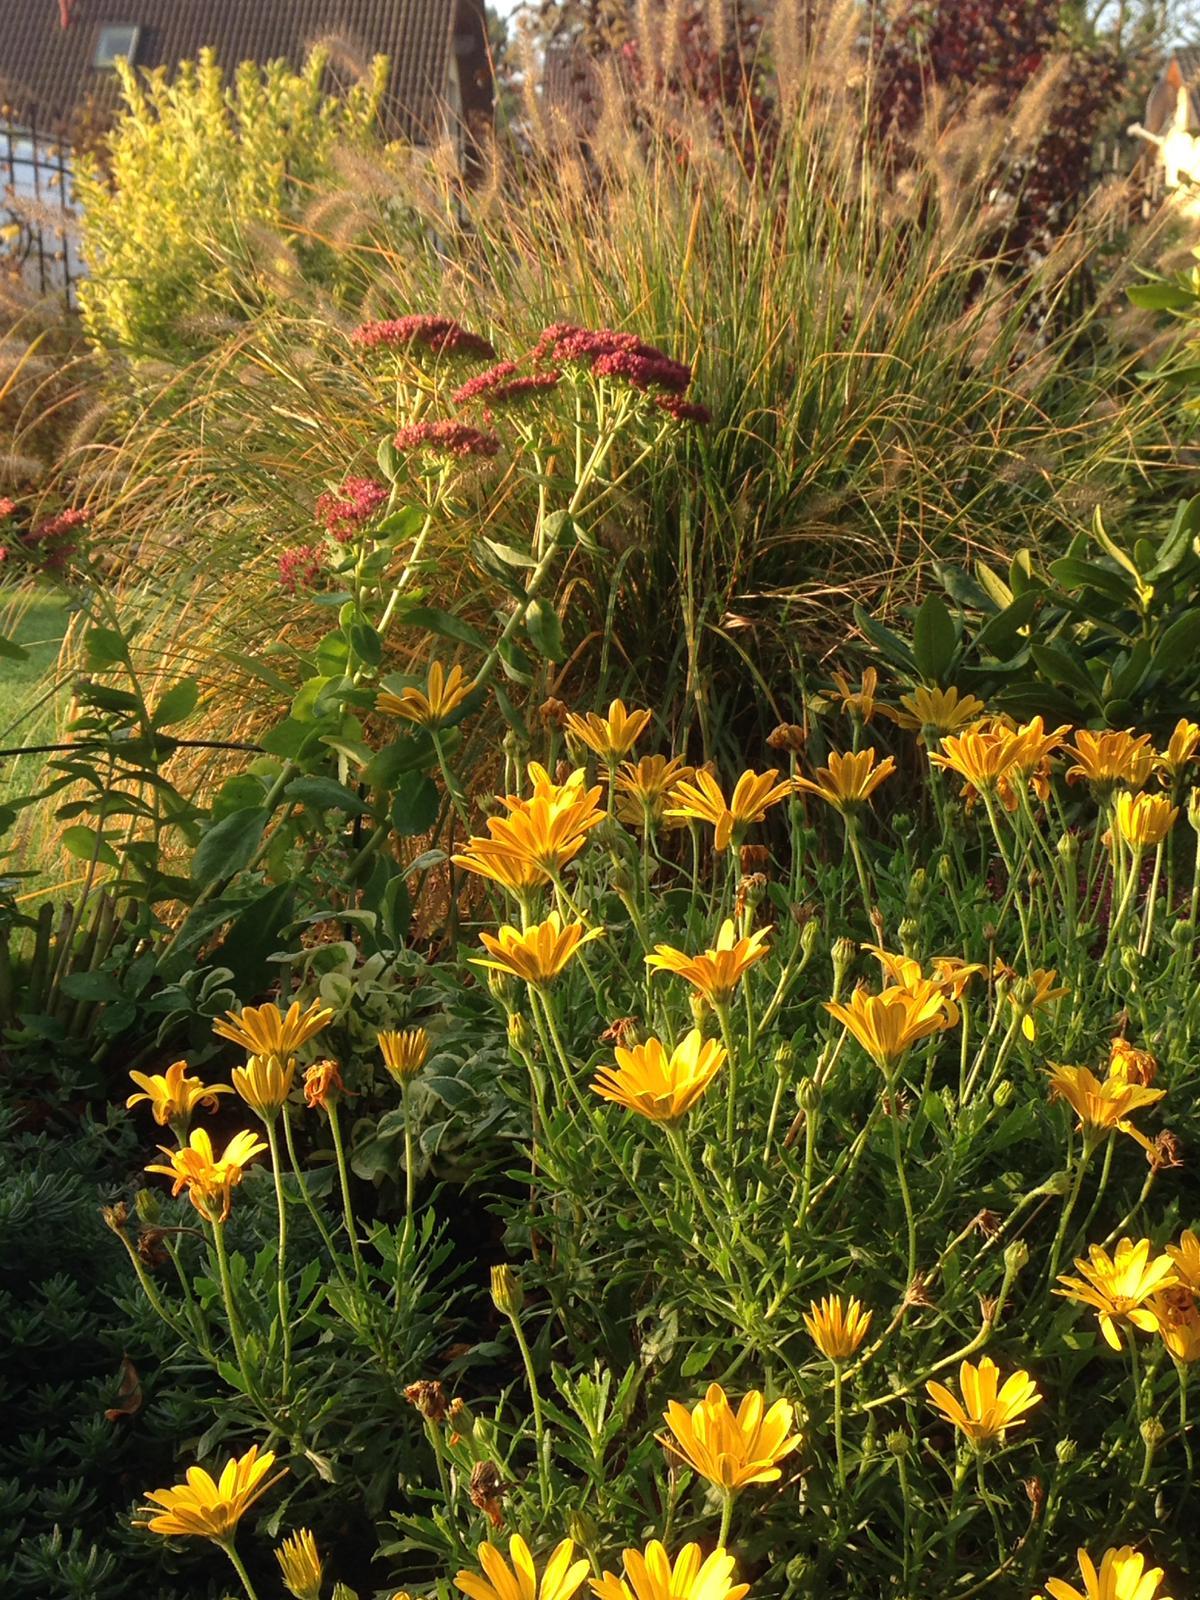 Gartenblumen Ludwigsfelde.JPG